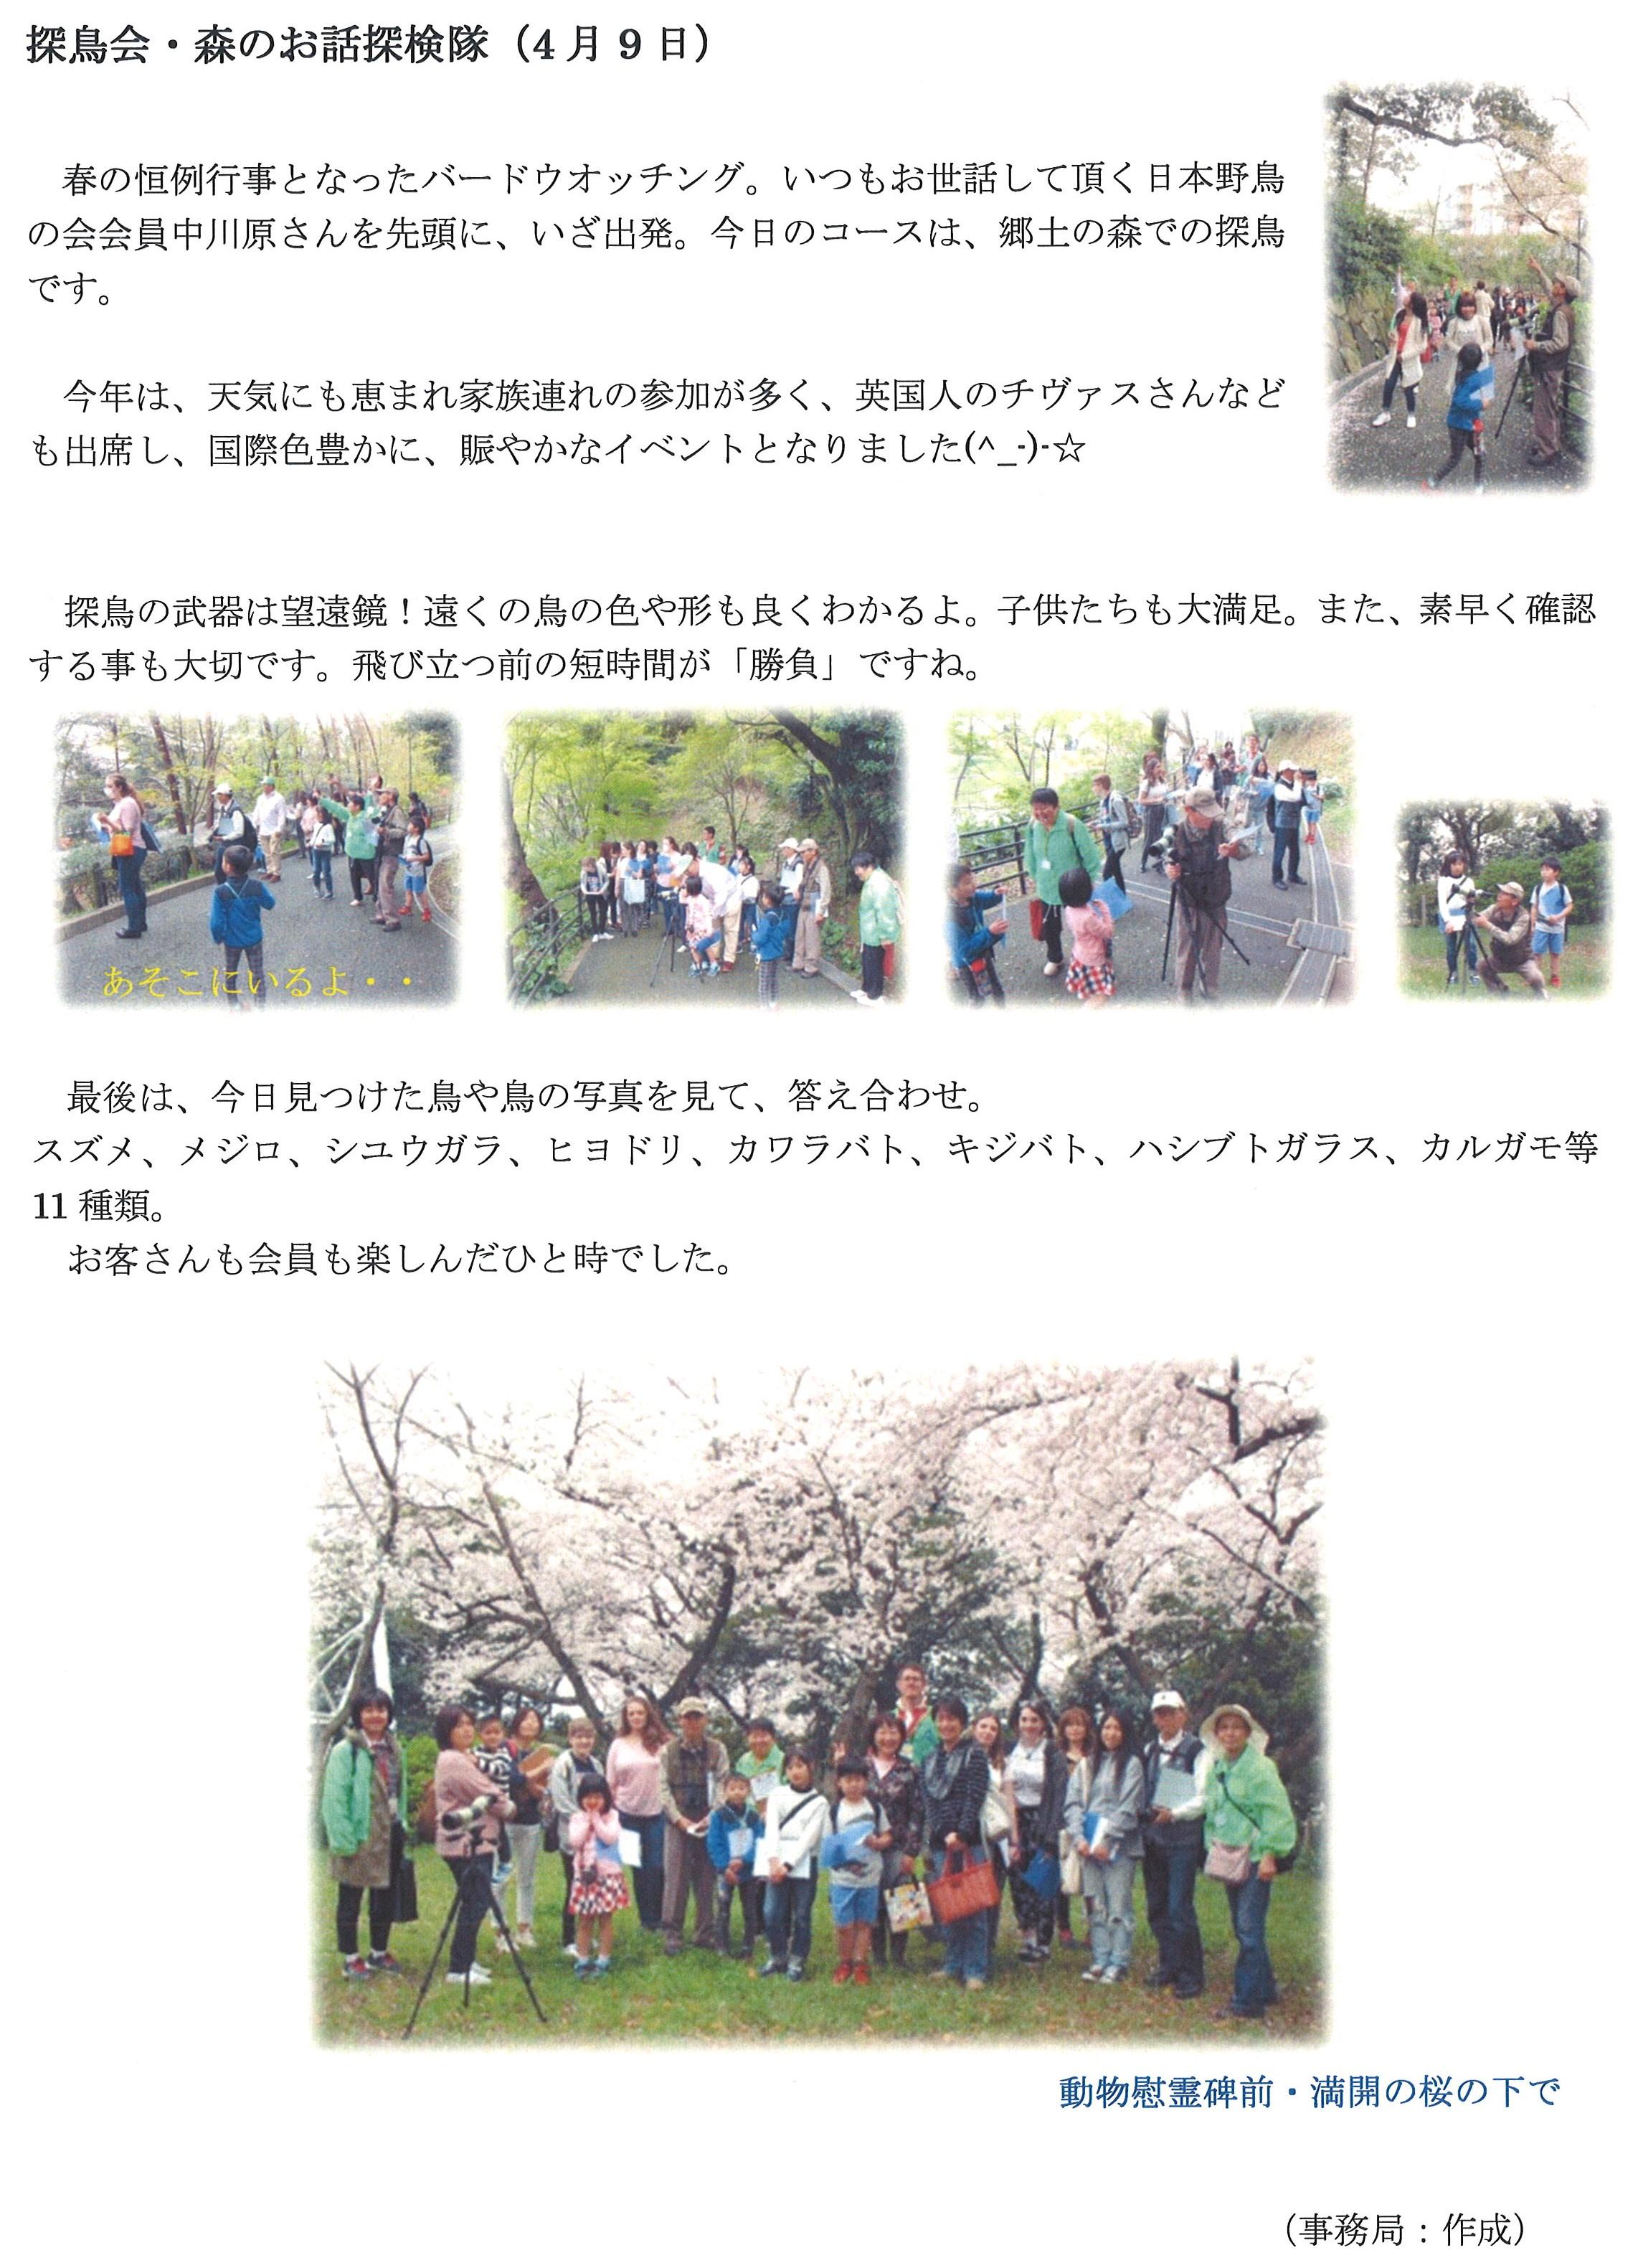 20170415_ボランティアブログ.jpg